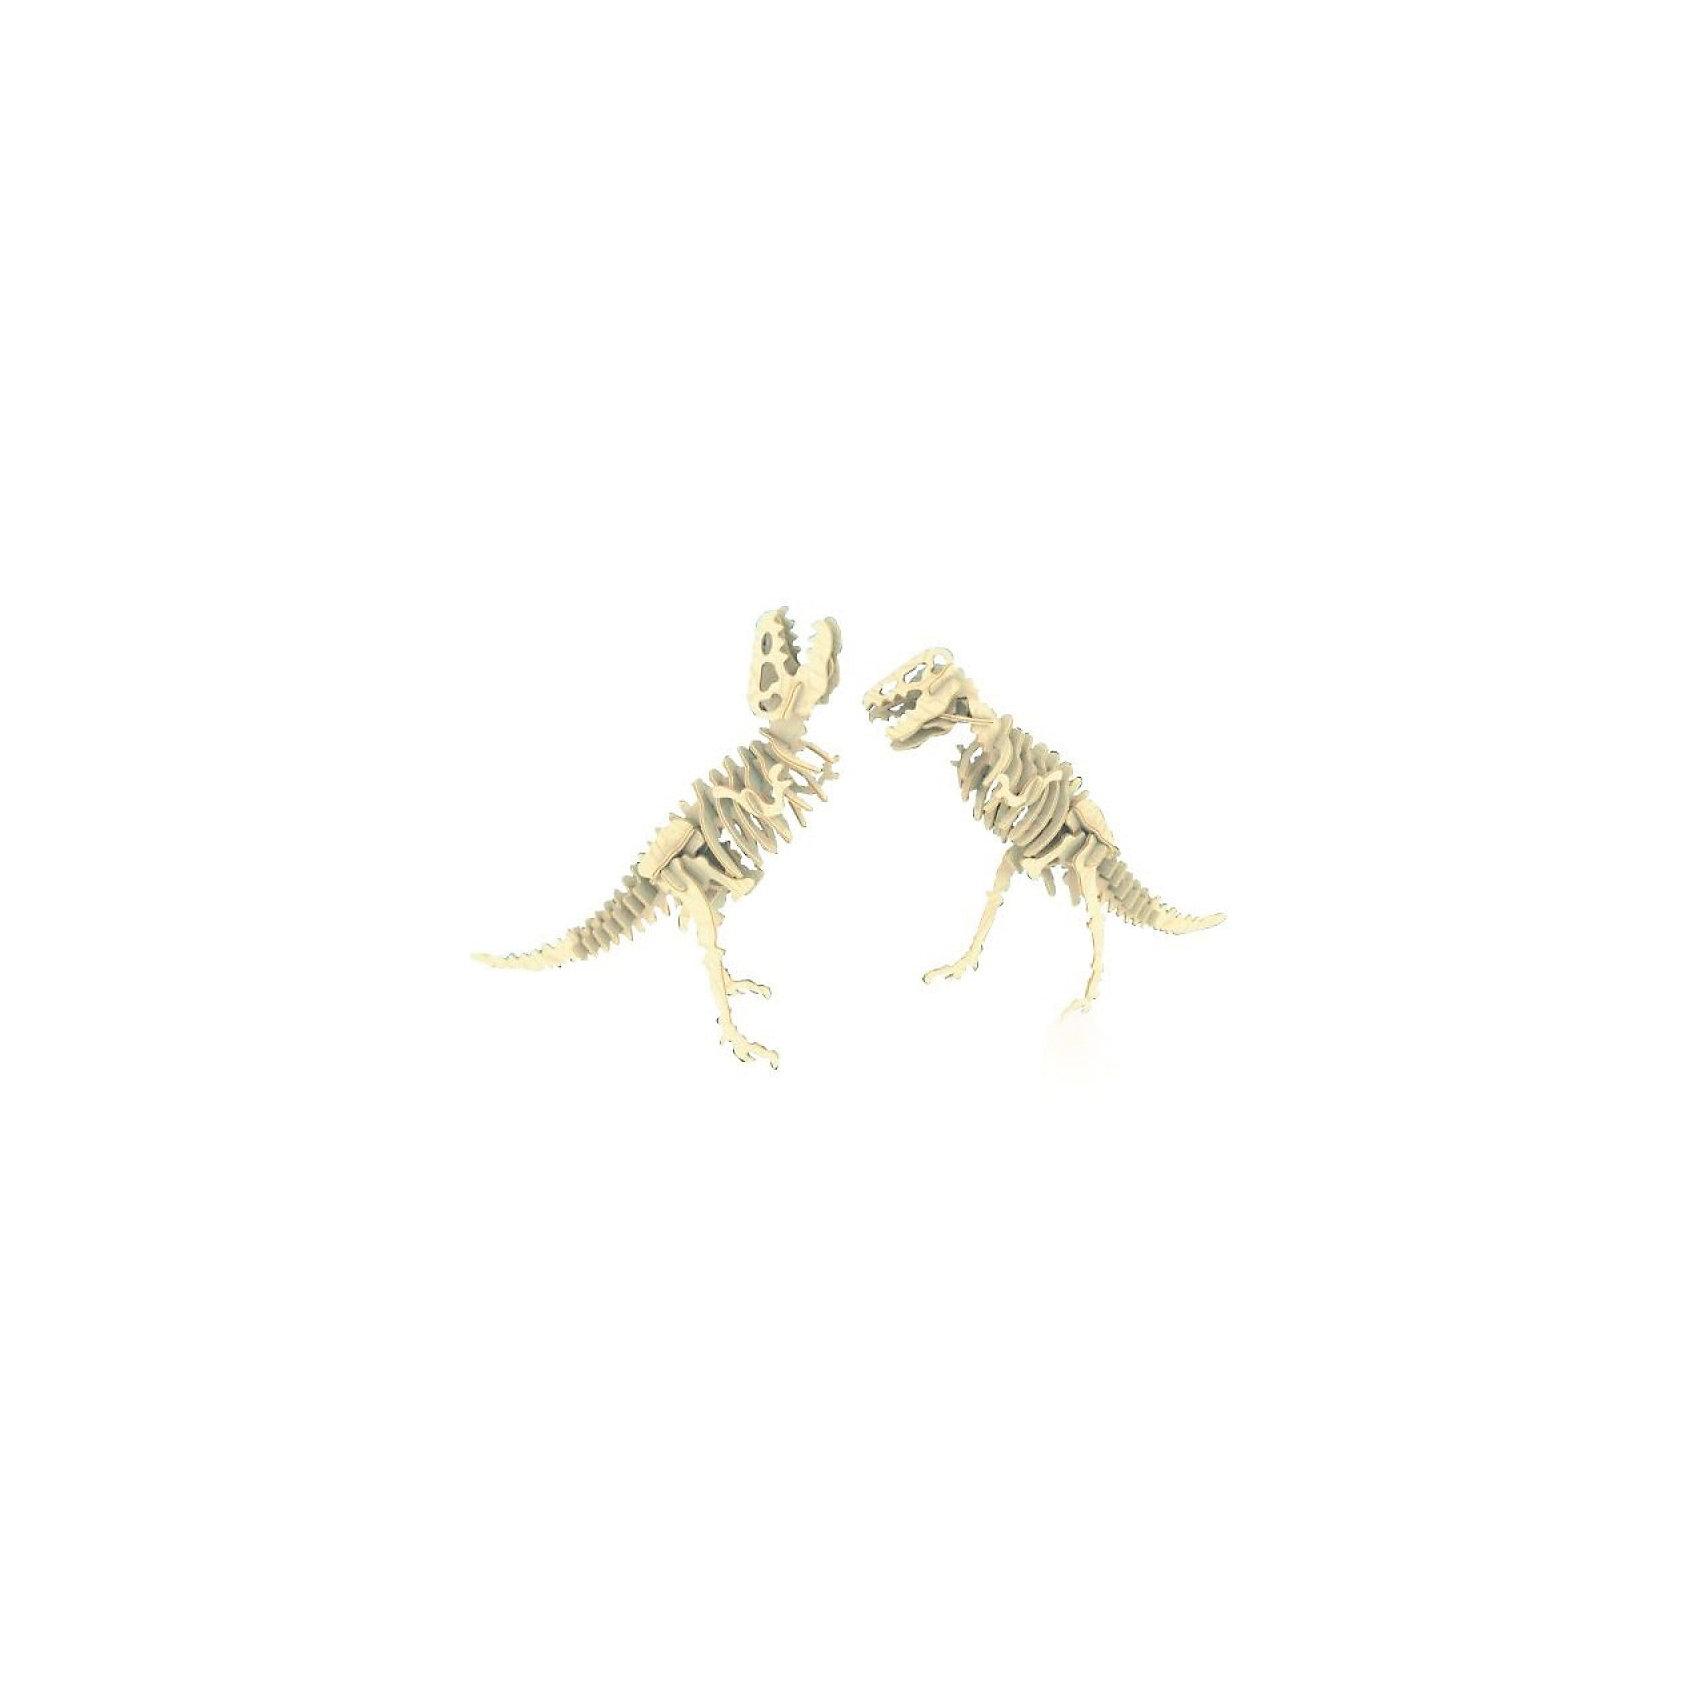 Тиранозавр (2в1), Мир деревянных игрушекБренд Мир деревянных игрушек дает ребенку возможность самому сделать красивую деревянную фигуру! Специально для любящих творчество и интересующихся вымершими животными были разработаны эти 3D-пазлы. Из них получаются красивые очень реалистичные фигуры, которые могут стать украшением комнаты.<br>Собирая их, ребенок будет учиться соотносить фигуры, развивать пространственное мышление, память и мелкую моторику. А раскрашивая готовое произведение, дети научатся подбирать цвета и будут развивать художественные навыки. Этот набор произведен из качественных и безопасных для детей материалов - дерево тщательно обработано.<br><br>Дополнительная информация:<br><br>материал: дерево;<br>цвет: бежевый;<br>элементы:62 шт;<br>комплектация: детали для сборки двух игрушек,наждачная бумага;<br>размер упаковки: 23 х 18 см.<br><br>3D-пазл Тиранозавр (2в1) от бренда Мир деревянных игрушек можно купить в нашем магазине.<br><br>Ширина мм: 225<br>Глубина мм: 30<br>Высота мм: 180<br>Вес г: 450<br>Возраст от месяцев: 36<br>Возраст до месяцев: 144<br>Пол: Унисекс<br>Возраст: Детский<br>SKU: 4969052